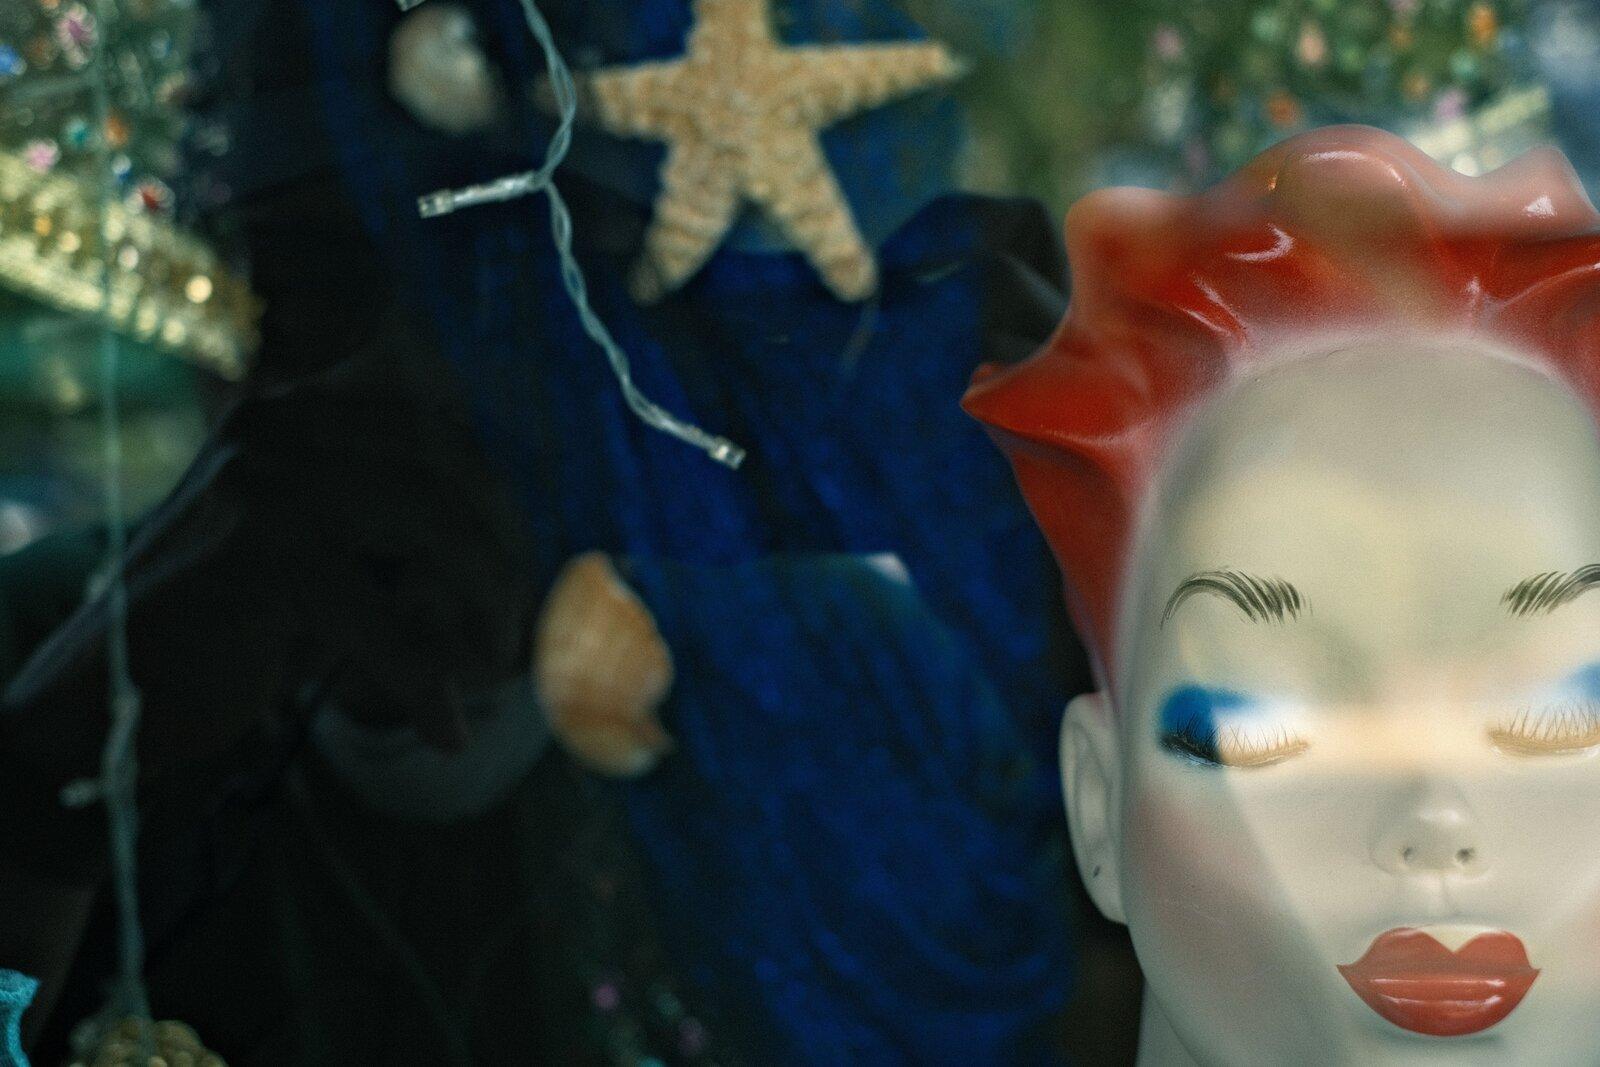 XPro3_Aug30_21_storewindow_mannequin#2.jpg